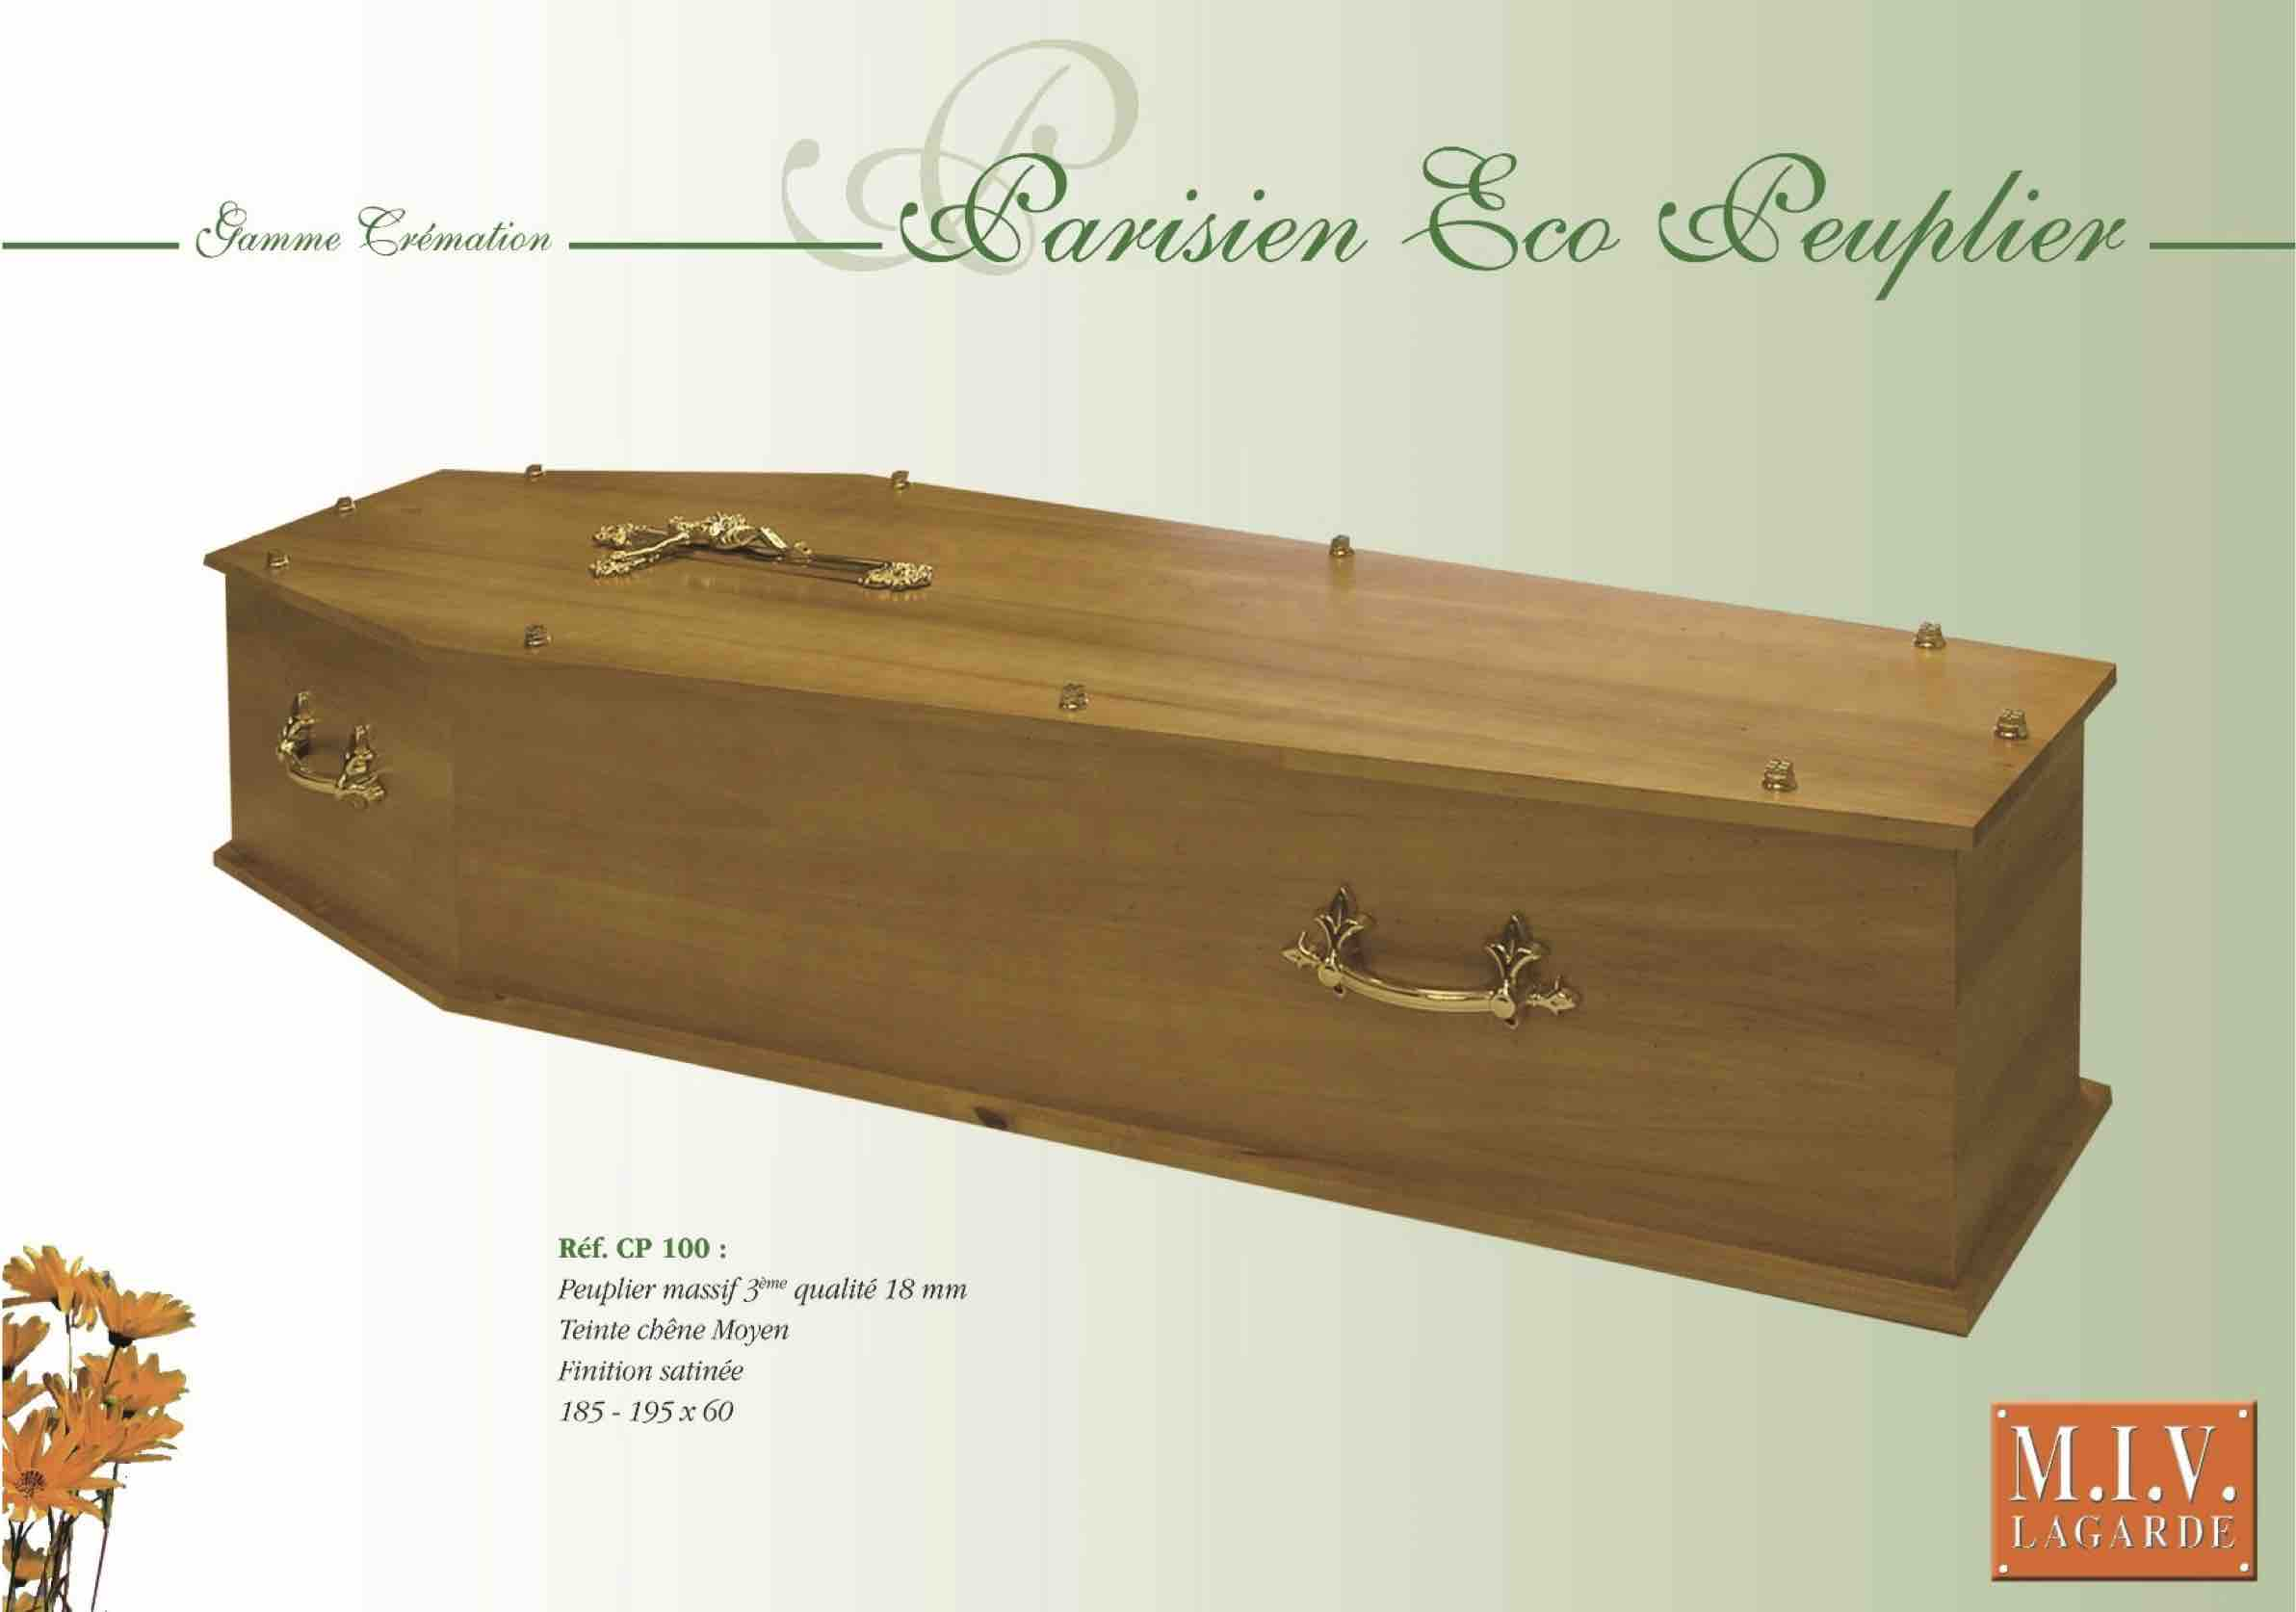 cercueil-cremation-eco-peuplier